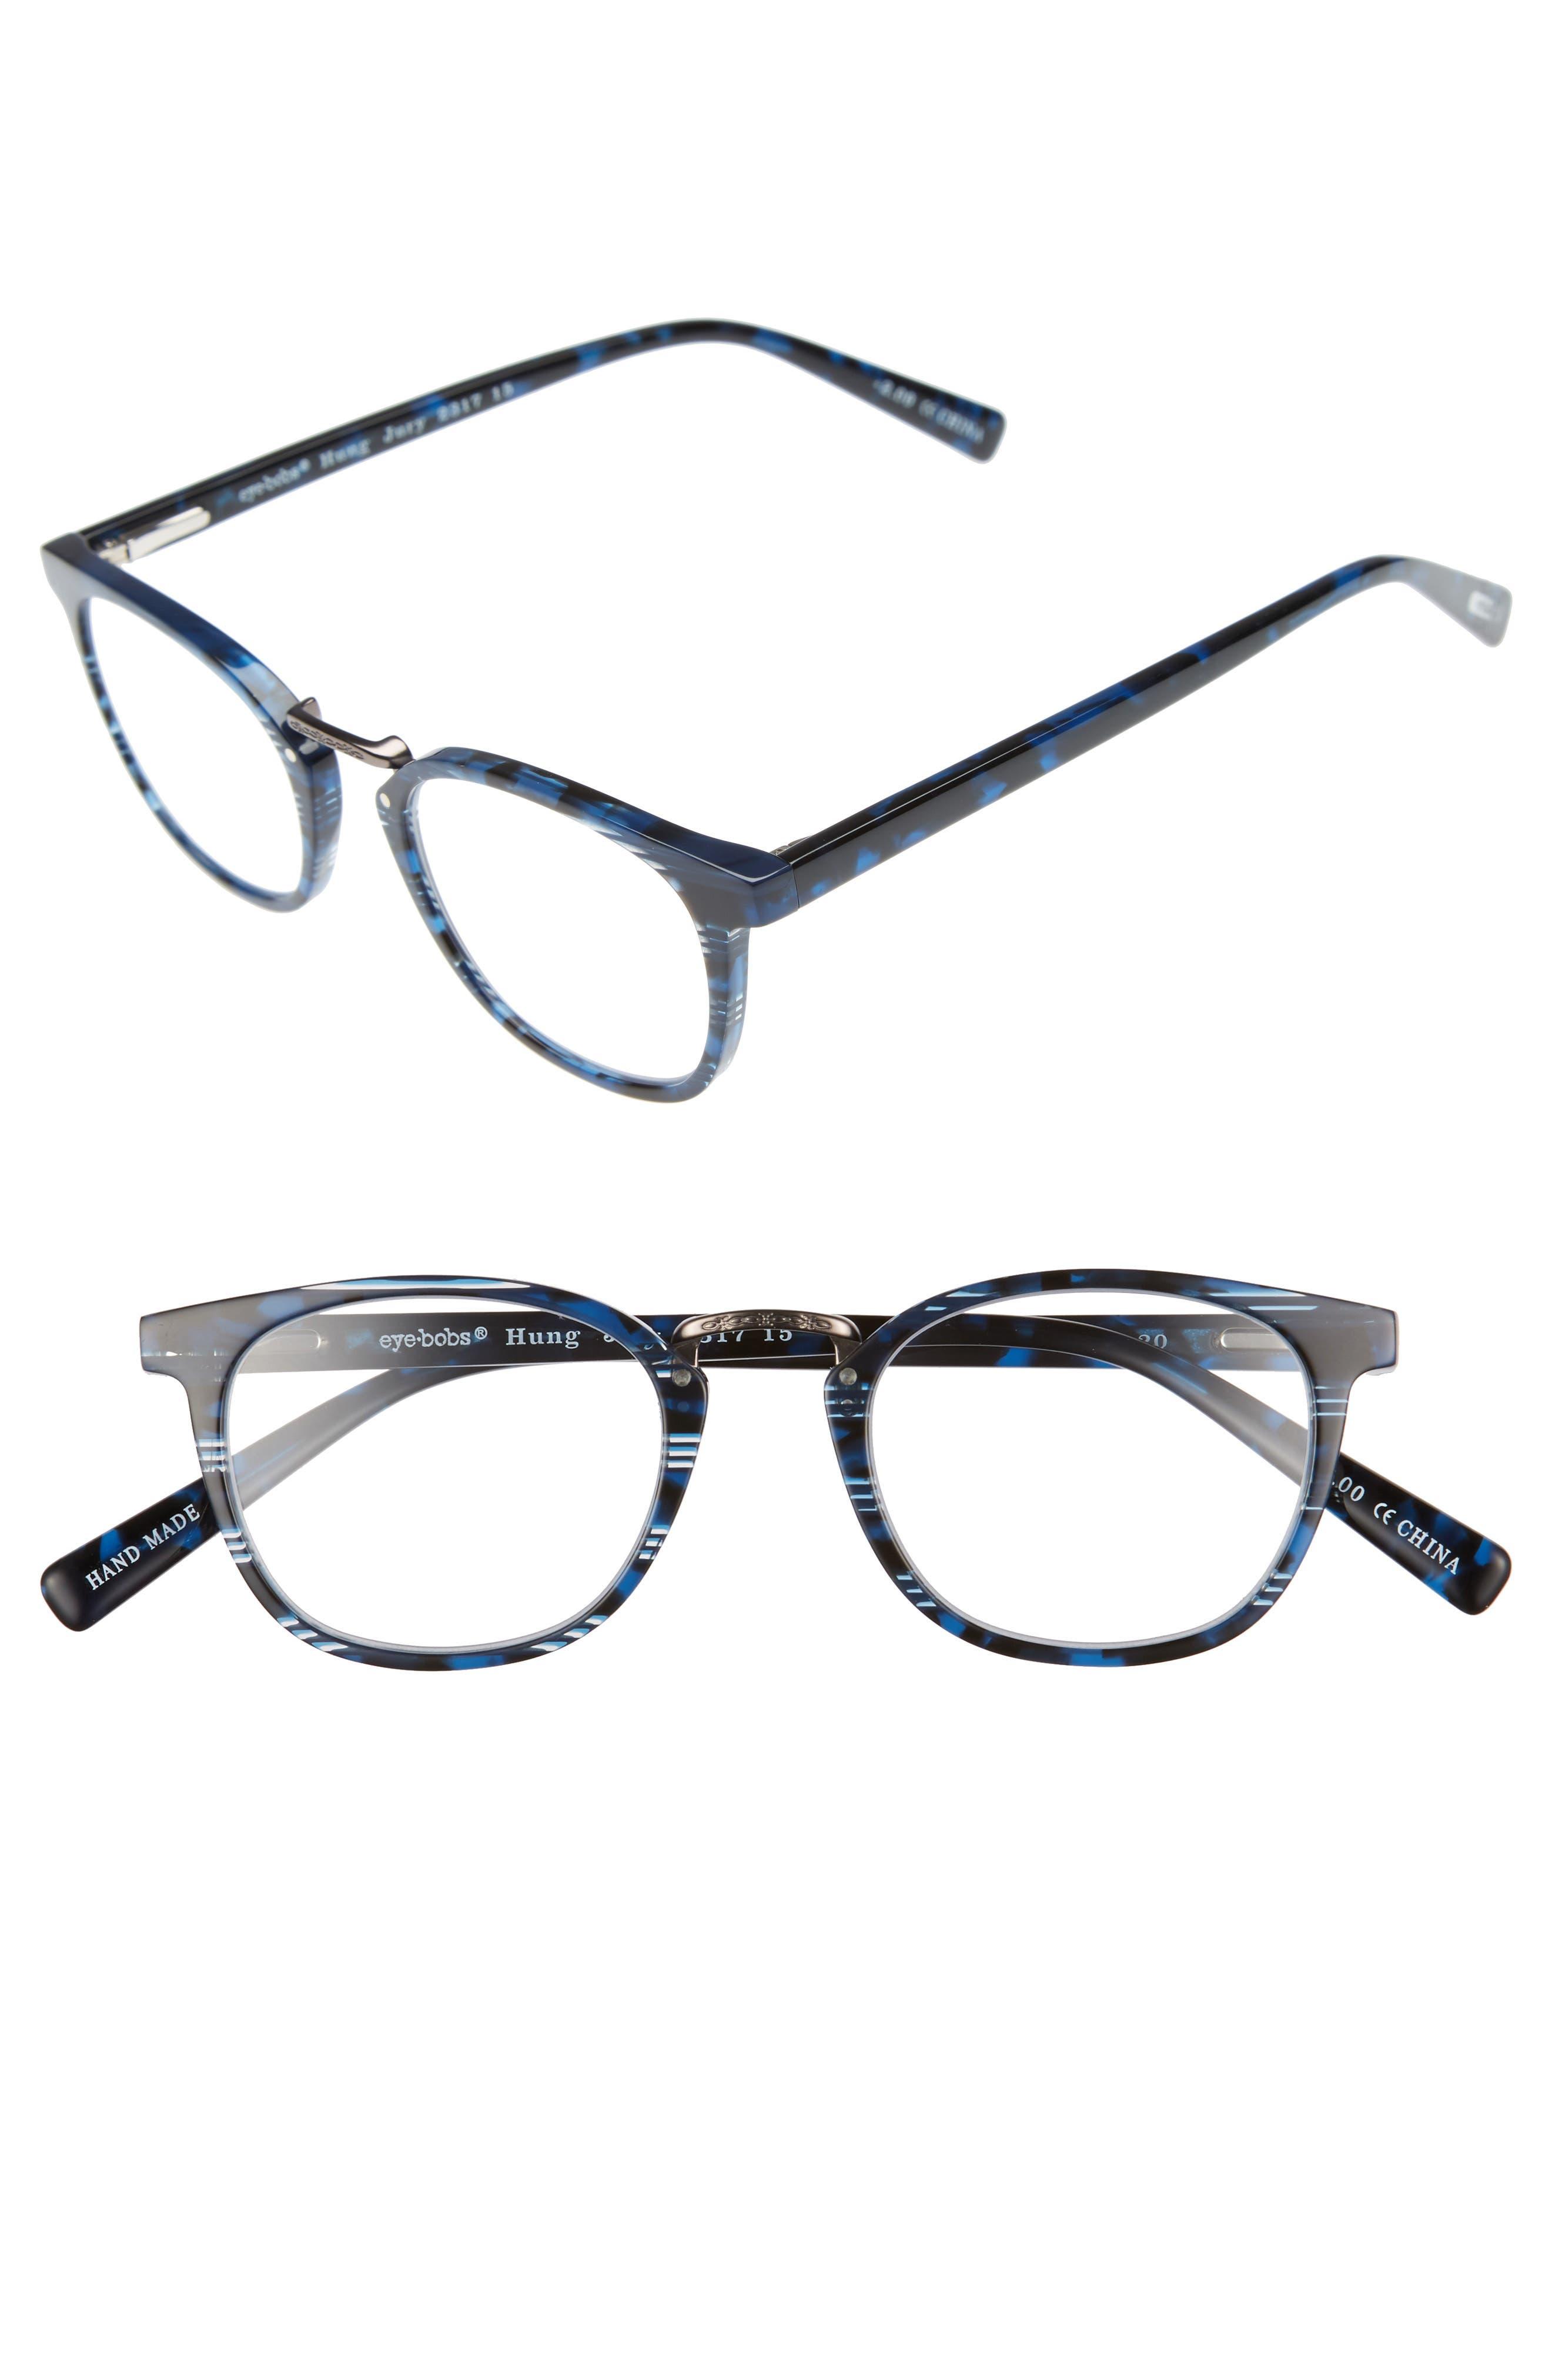 Hung Jury 46mm Reading Glasses,                             Main thumbnail 1, color,                             BLUE TORTOISE